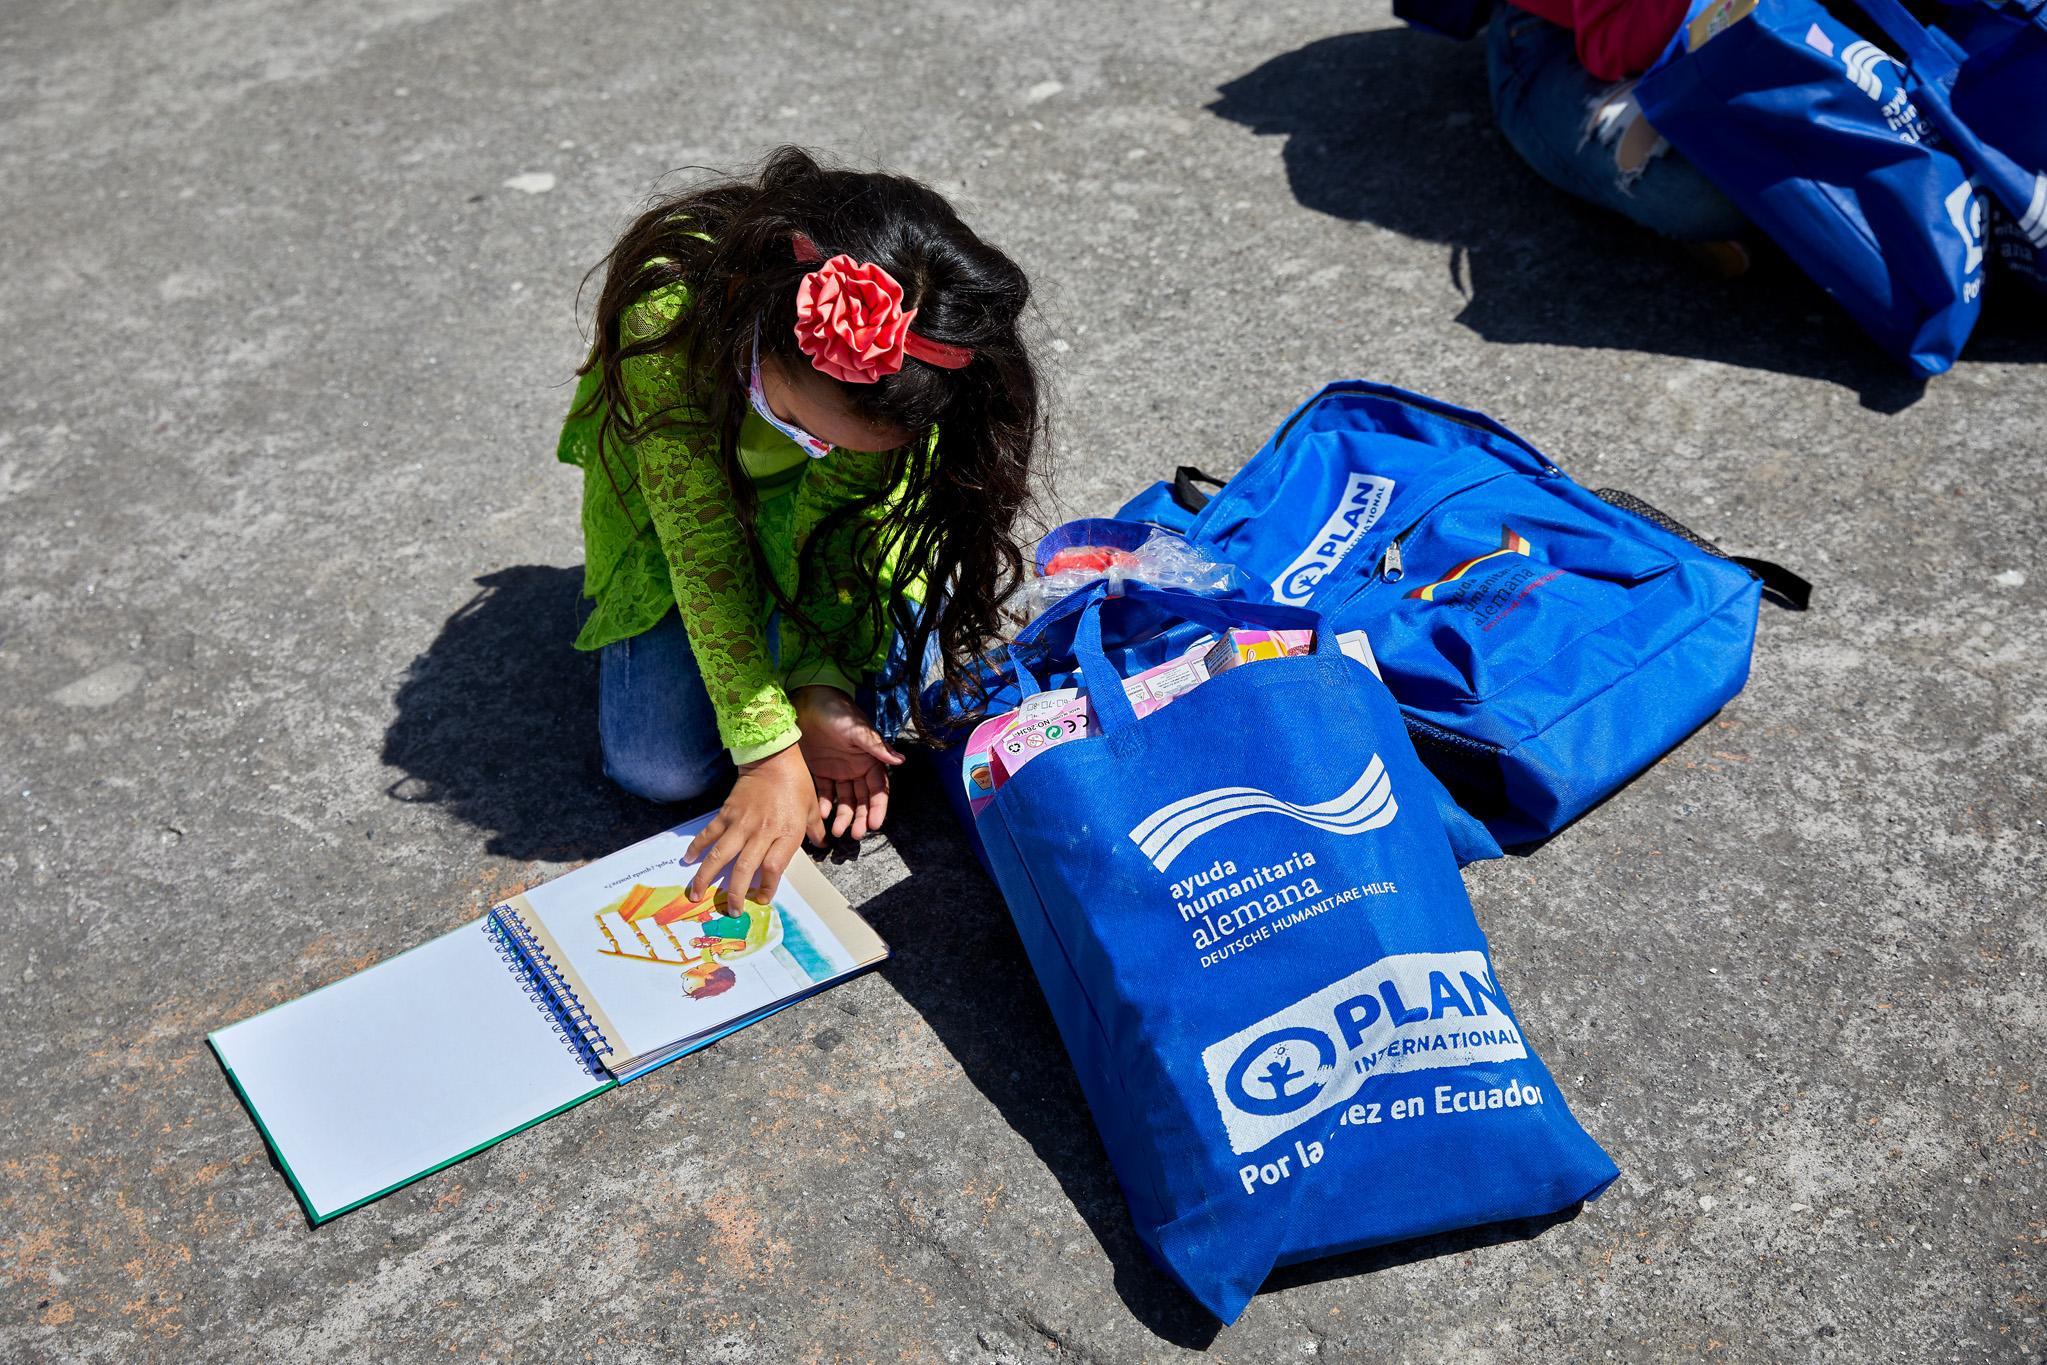 ESP: Una pequeña niña revisa el cuento que le han entregado en la jornada de donación de kits de juguetes. Quito, Ecuador. Diciembre 2020.  ENG: A little girl reviews the story she was given at the toy kit donation day. Quito, Ecuador. December 2020.